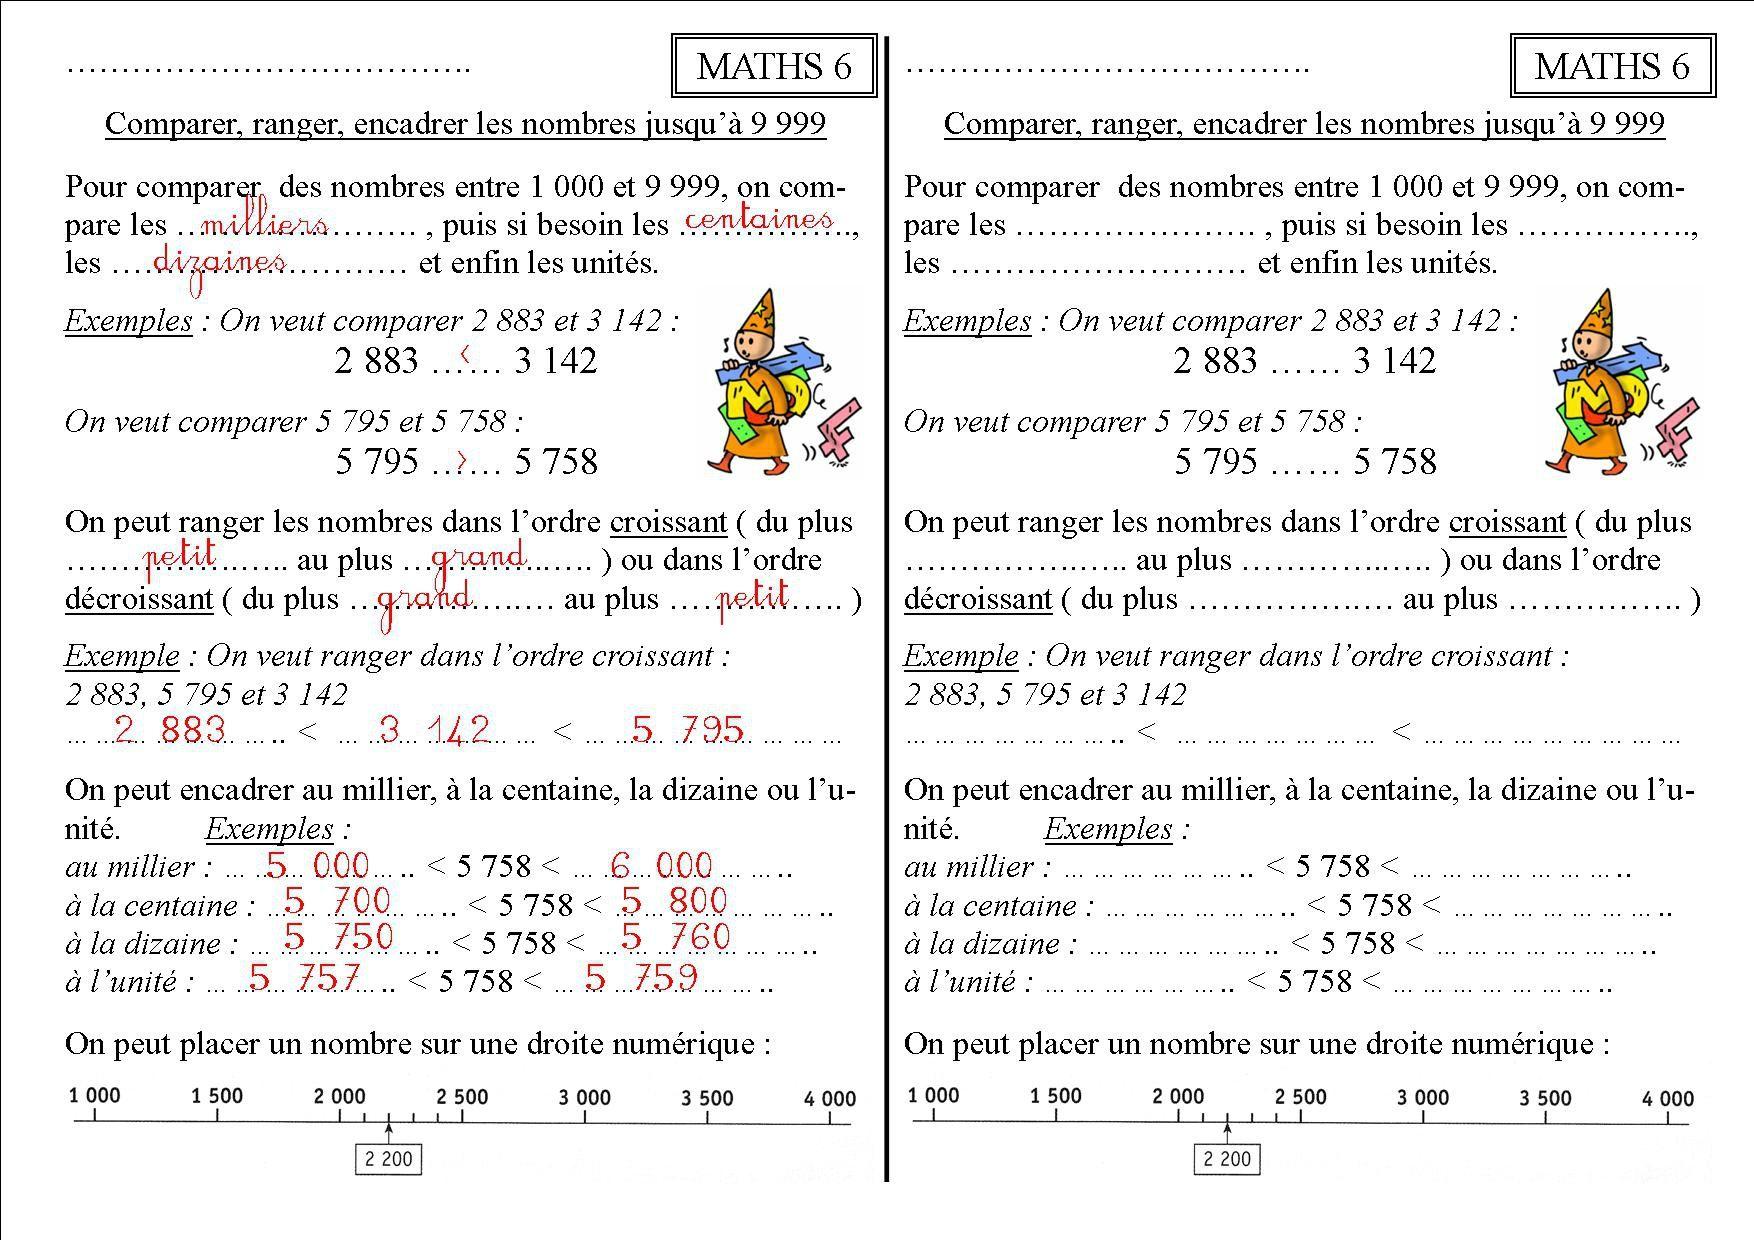 Maths 6 Ce2 Comparer Ranger Encadrer Les Nombres De 1